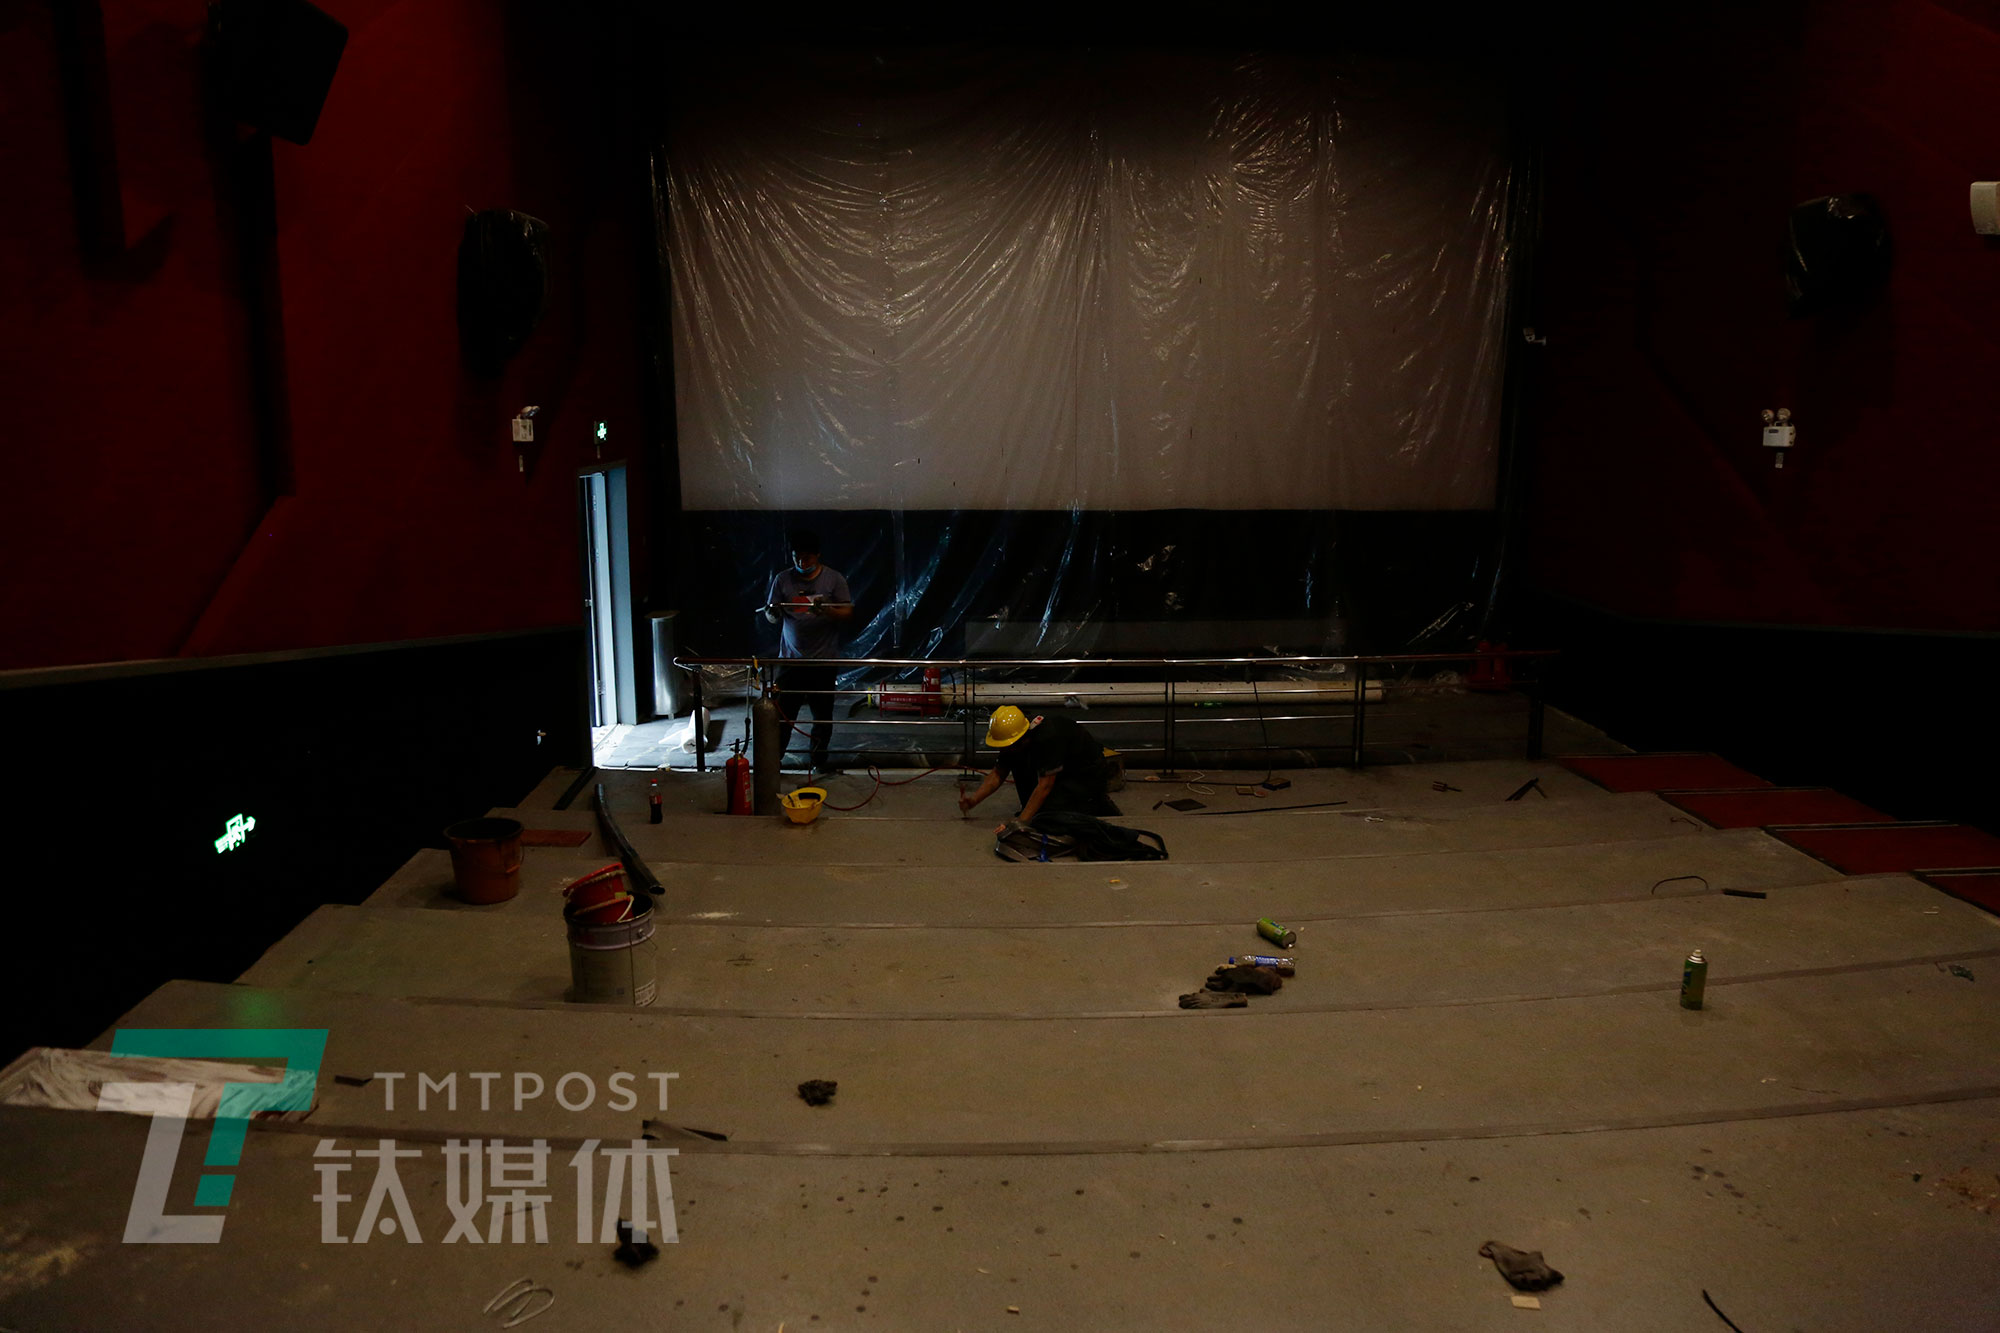 5月8日,北京,首都电影院(西单店),工作人员在对影厅进行翻新。